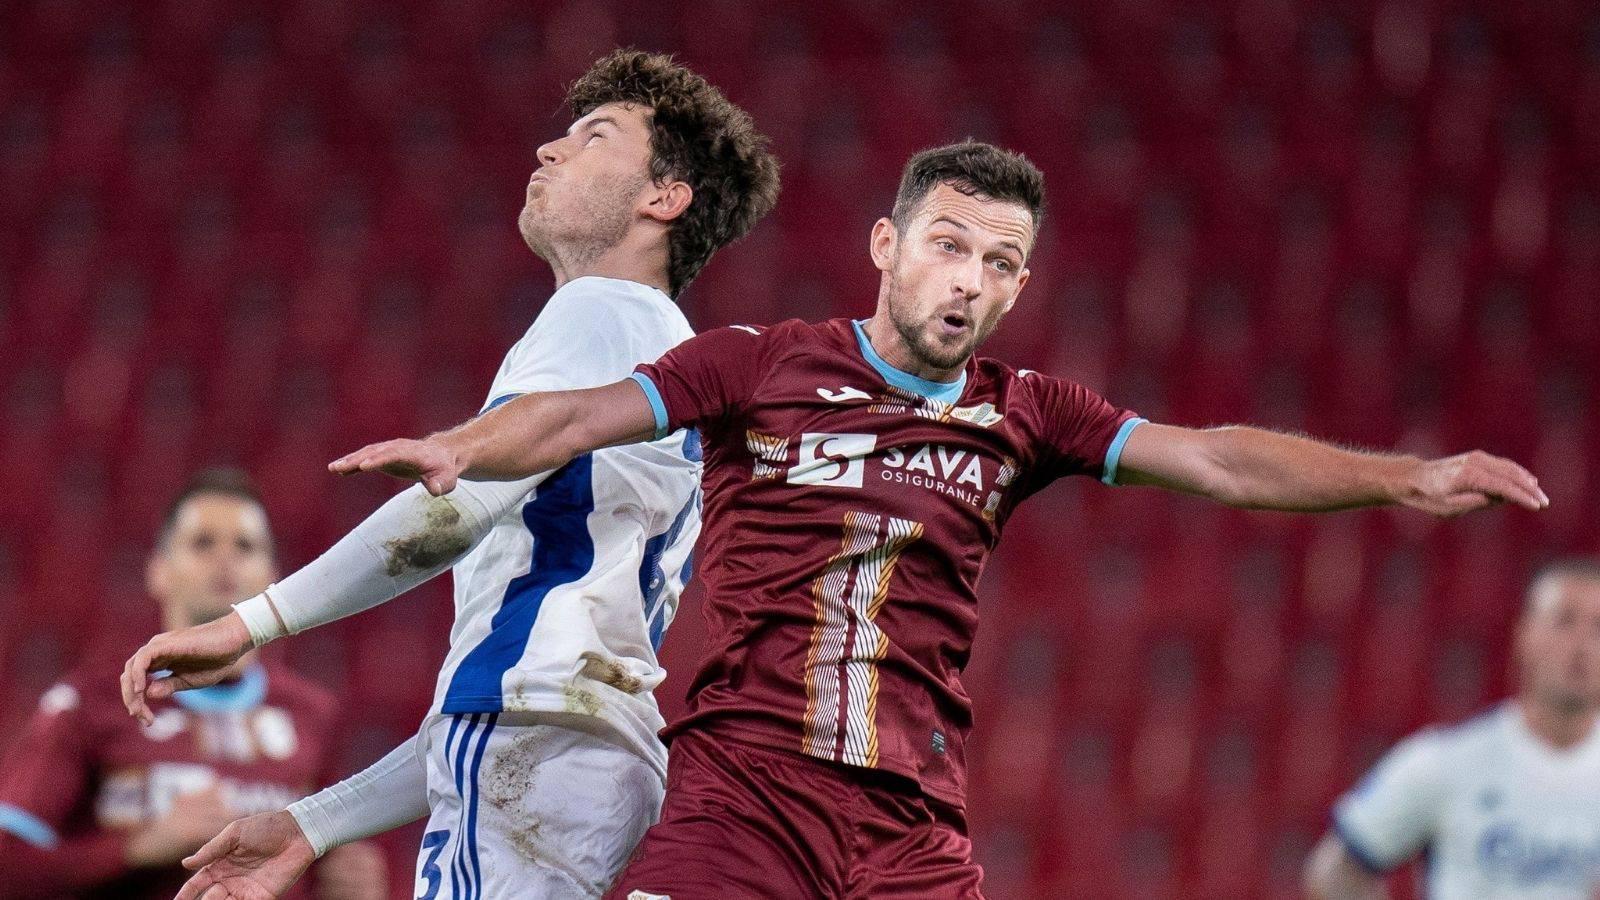 Tomečak: AZ Alkmaar me baš iznenadio pobjedom u Napulju, ali imat ćemo prilika i za slavlje